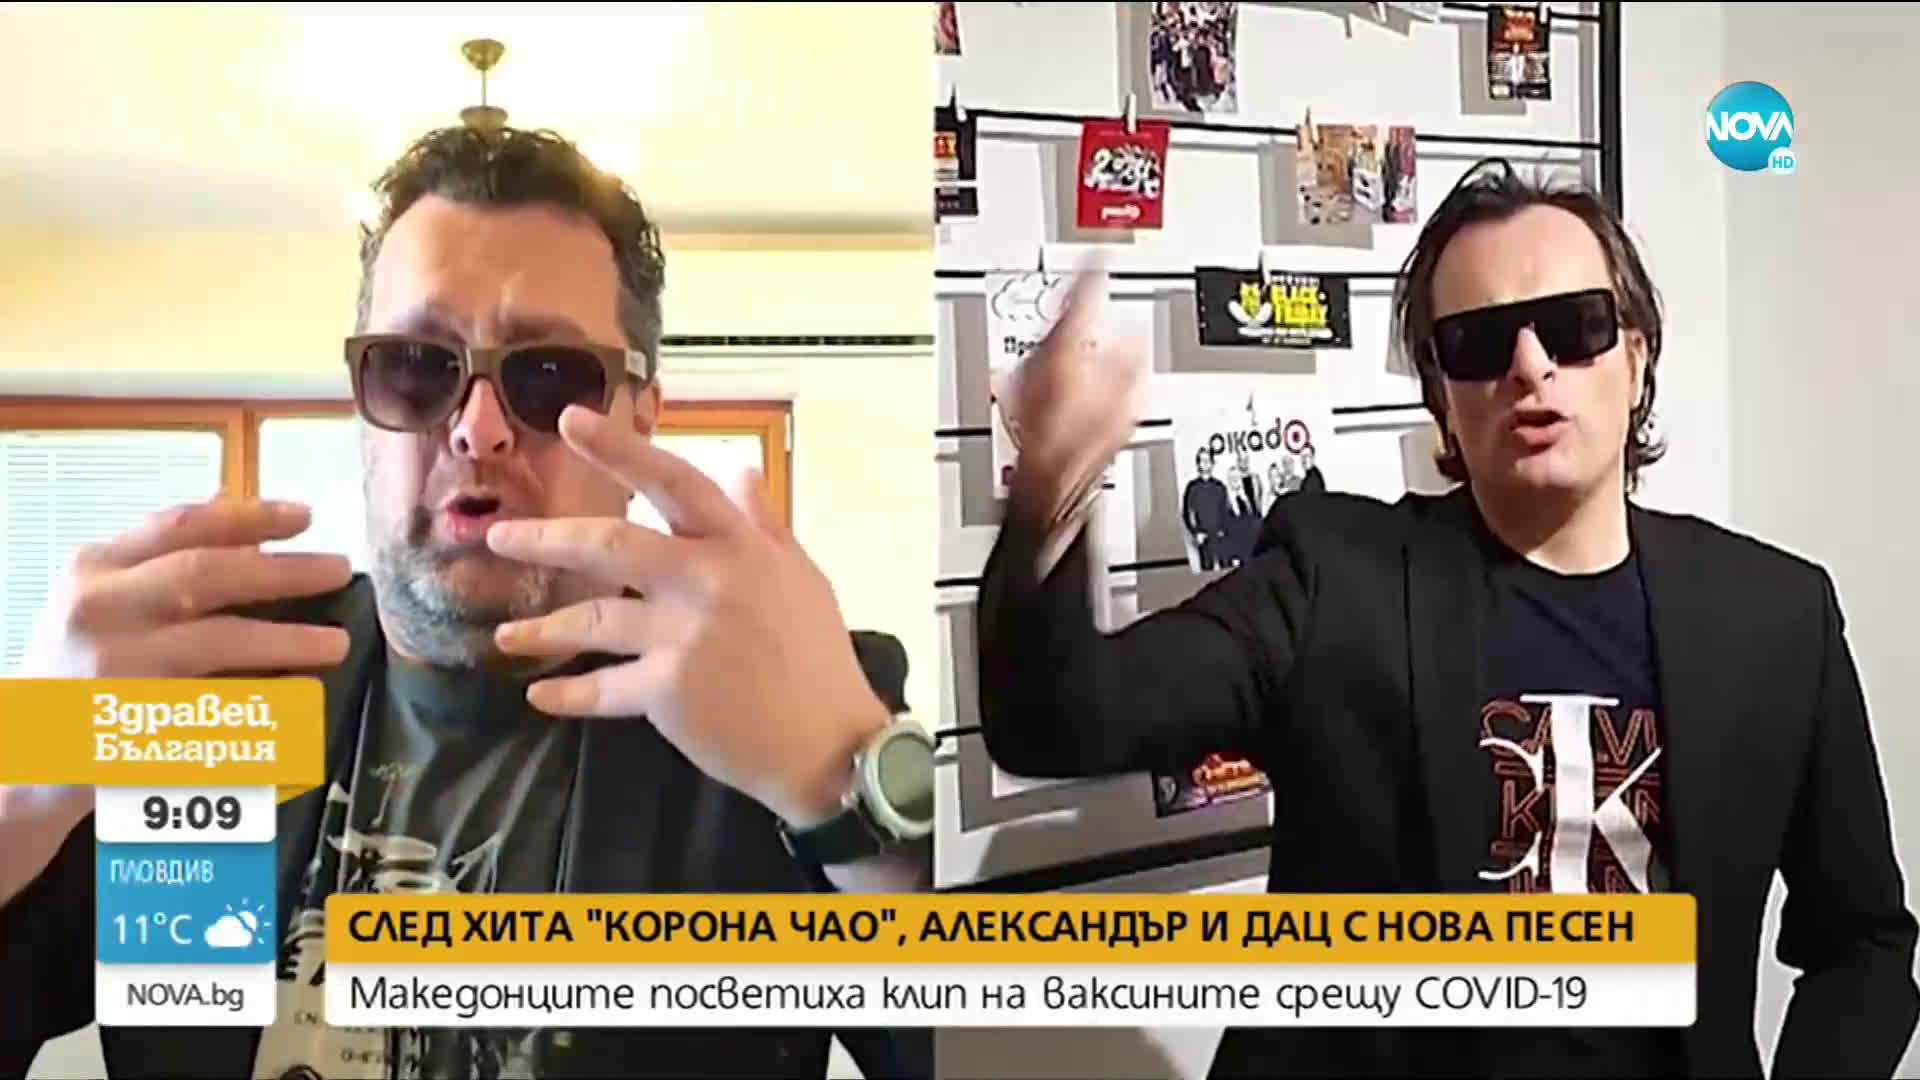 """СЛЕД ХИТА """"КОРОНА, ЧАО"""": Александър и Дац посветиха клип на ваксините"""